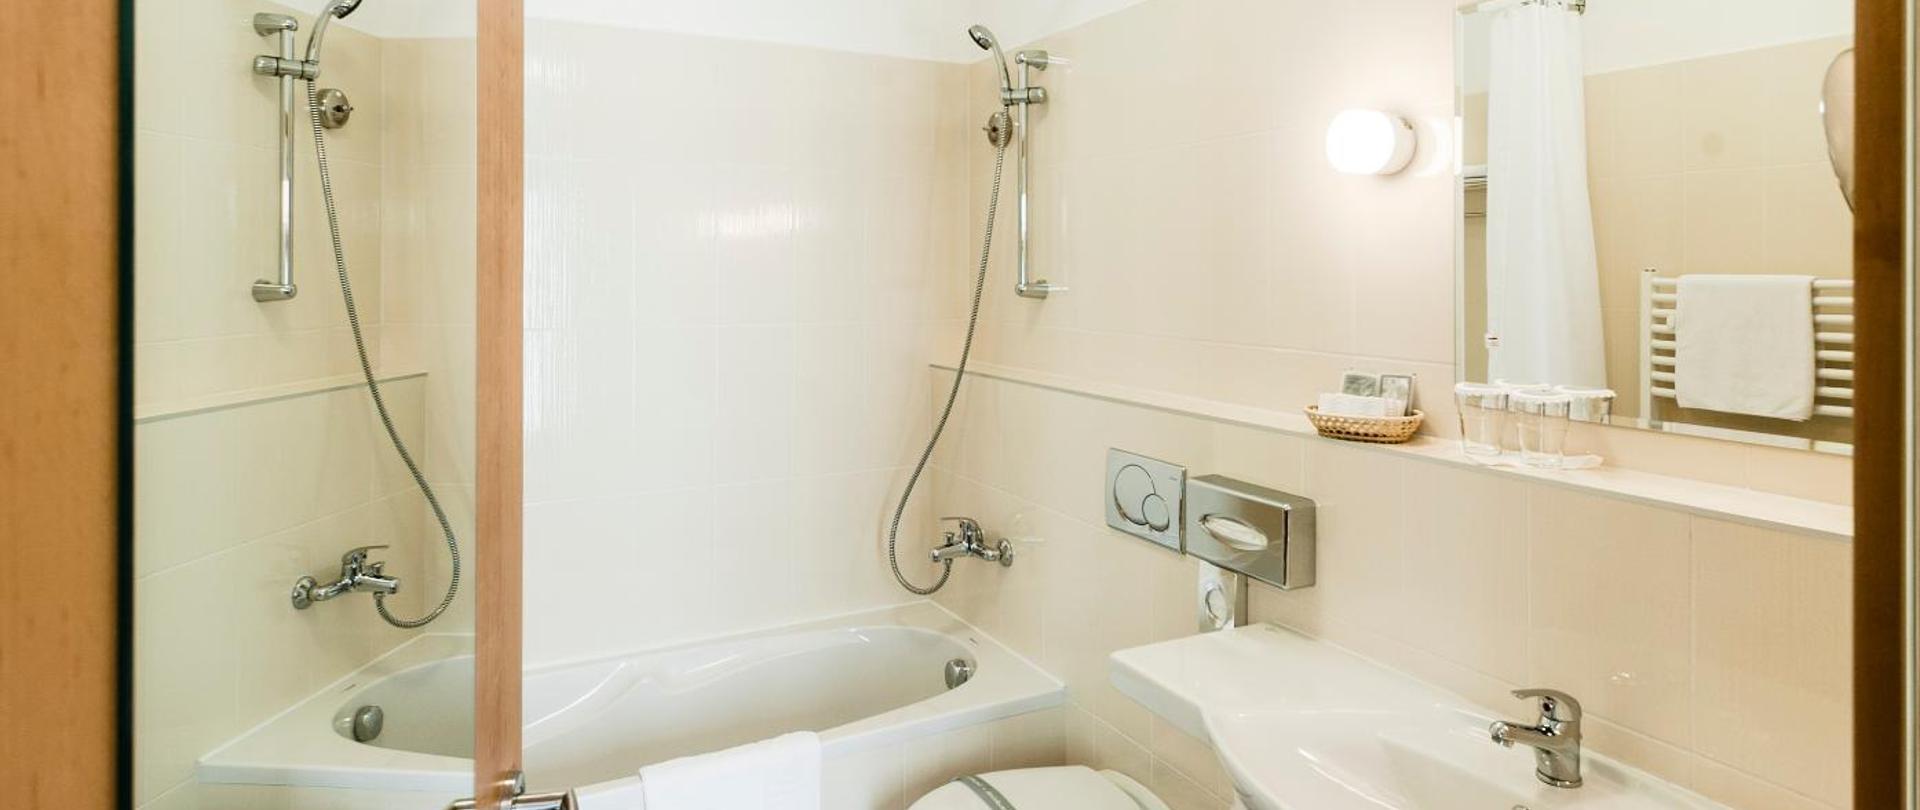 Dvoulůžkový pokoj_koupelna_1.jpg